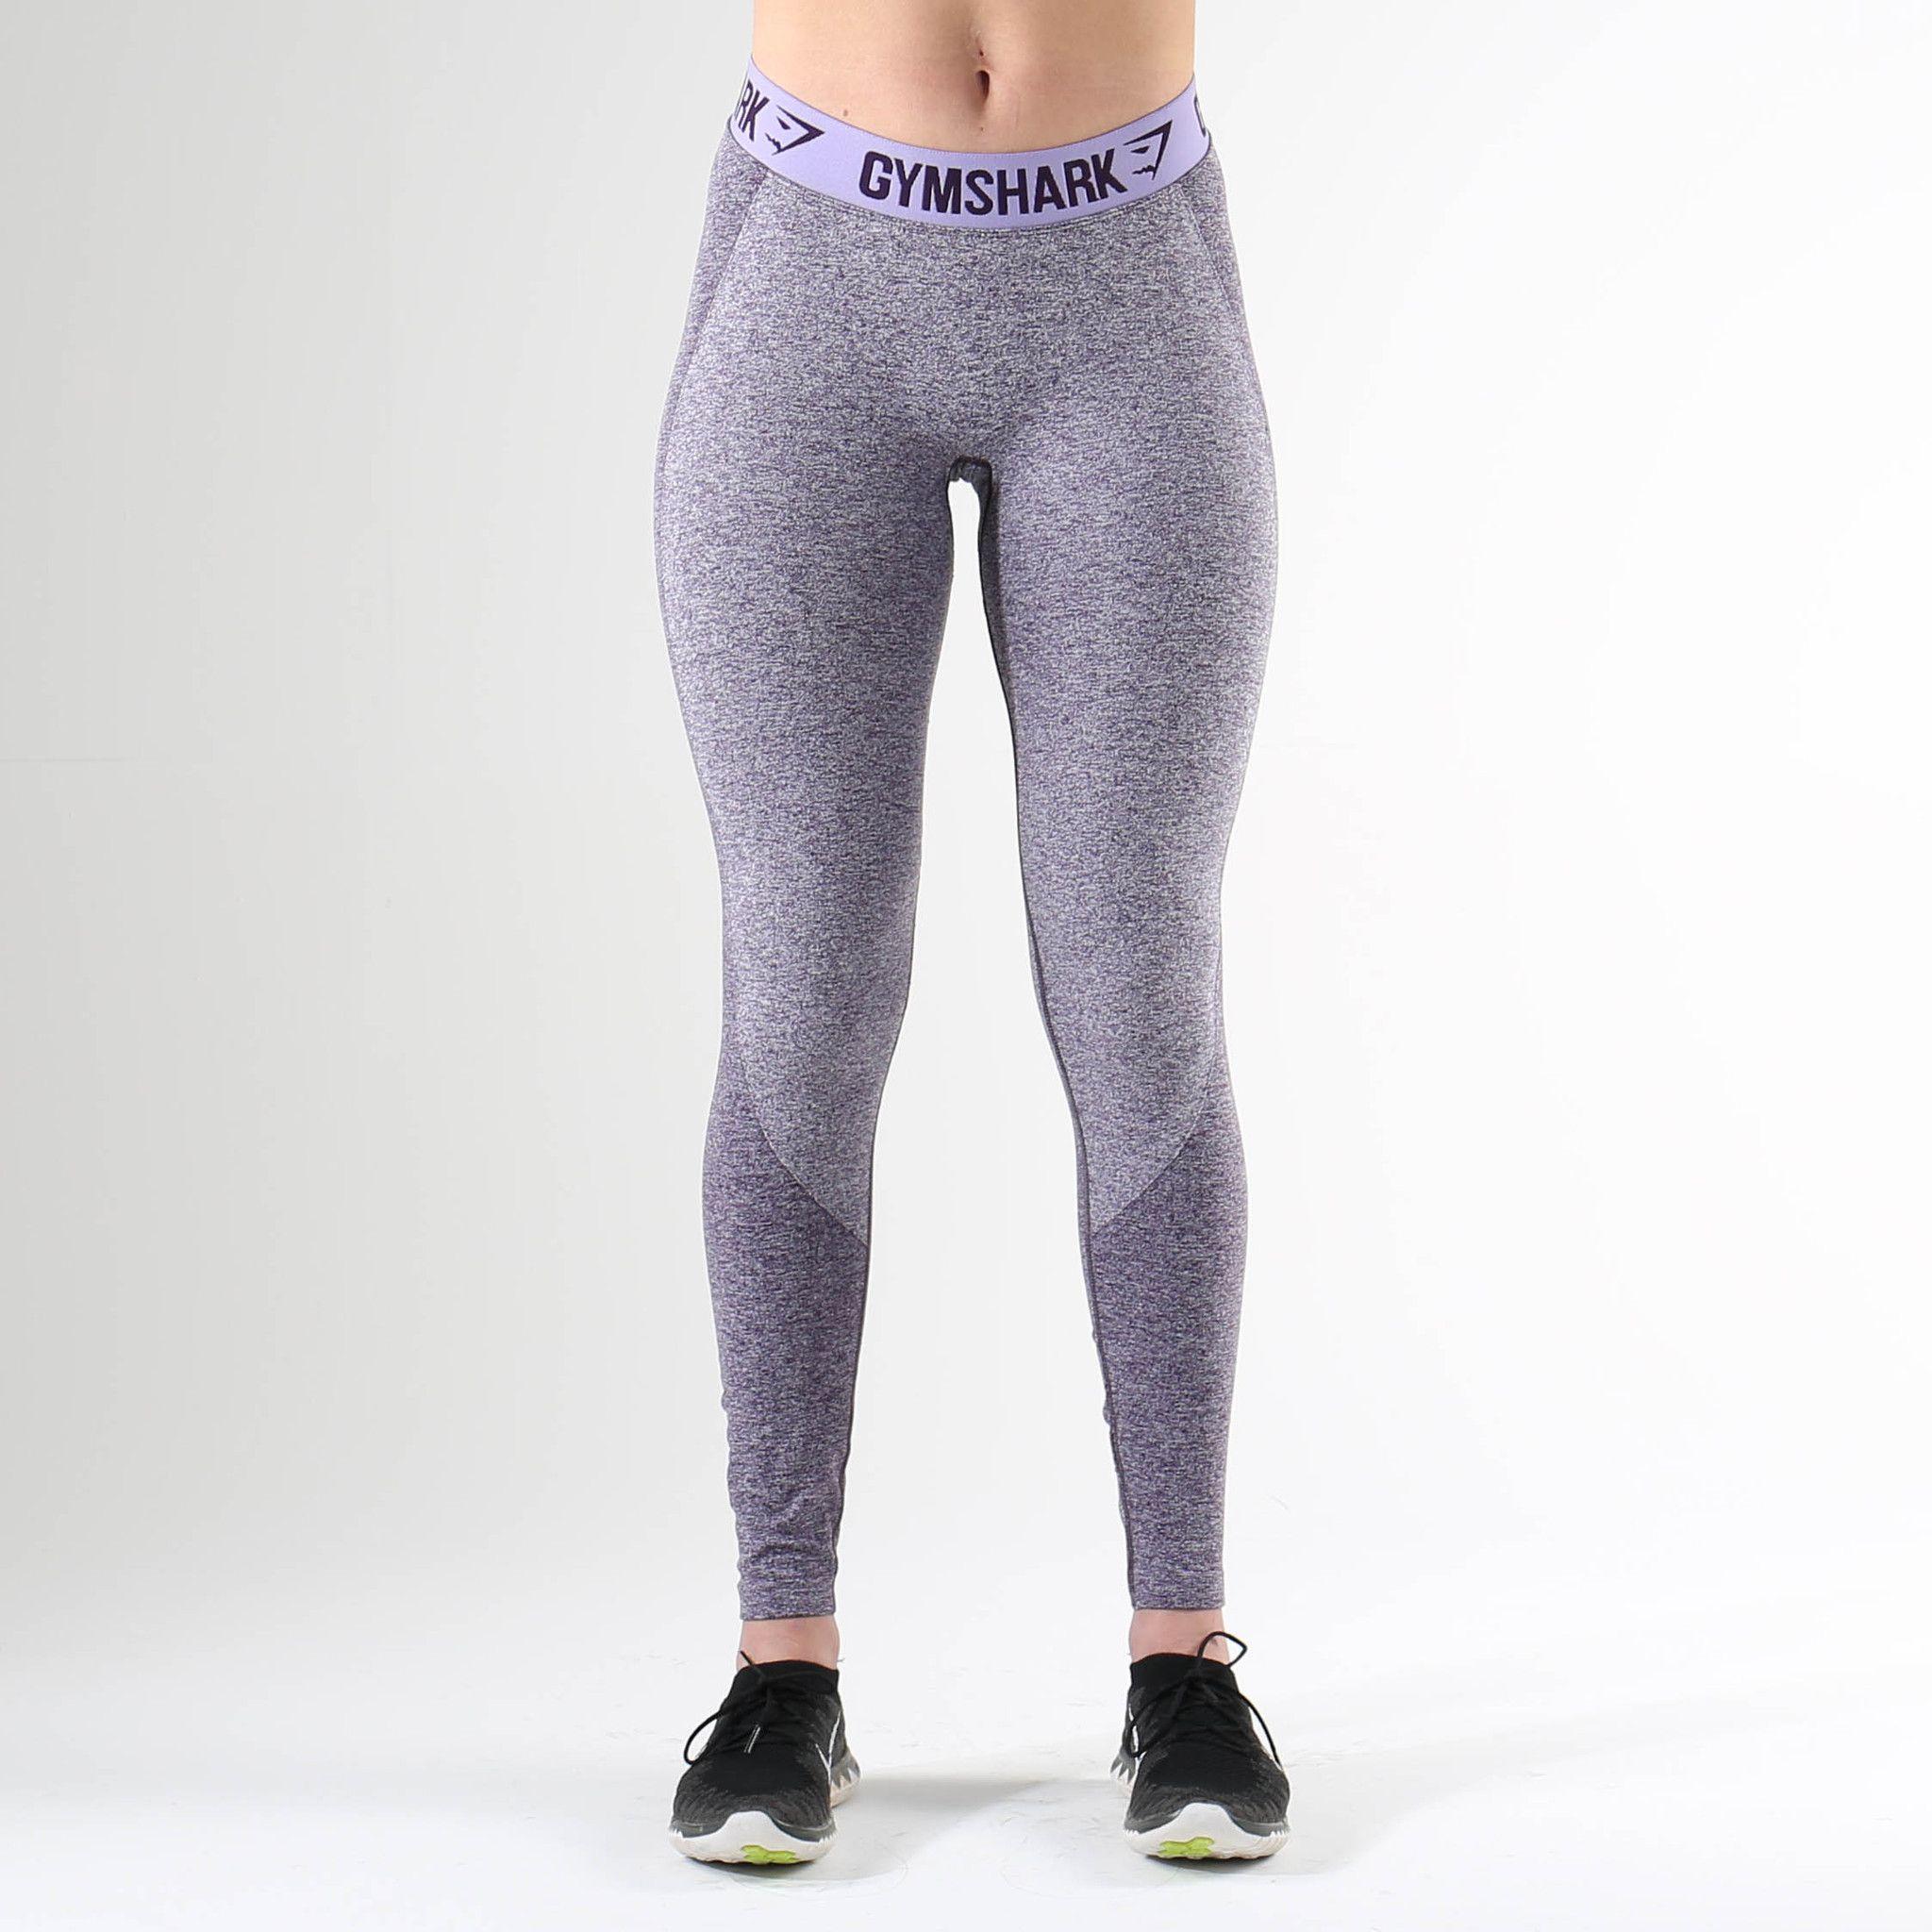 b1389ff51b11a Gymshark Flex Leggings - Rich Purple Marl/Soft Lilac | fitness ...